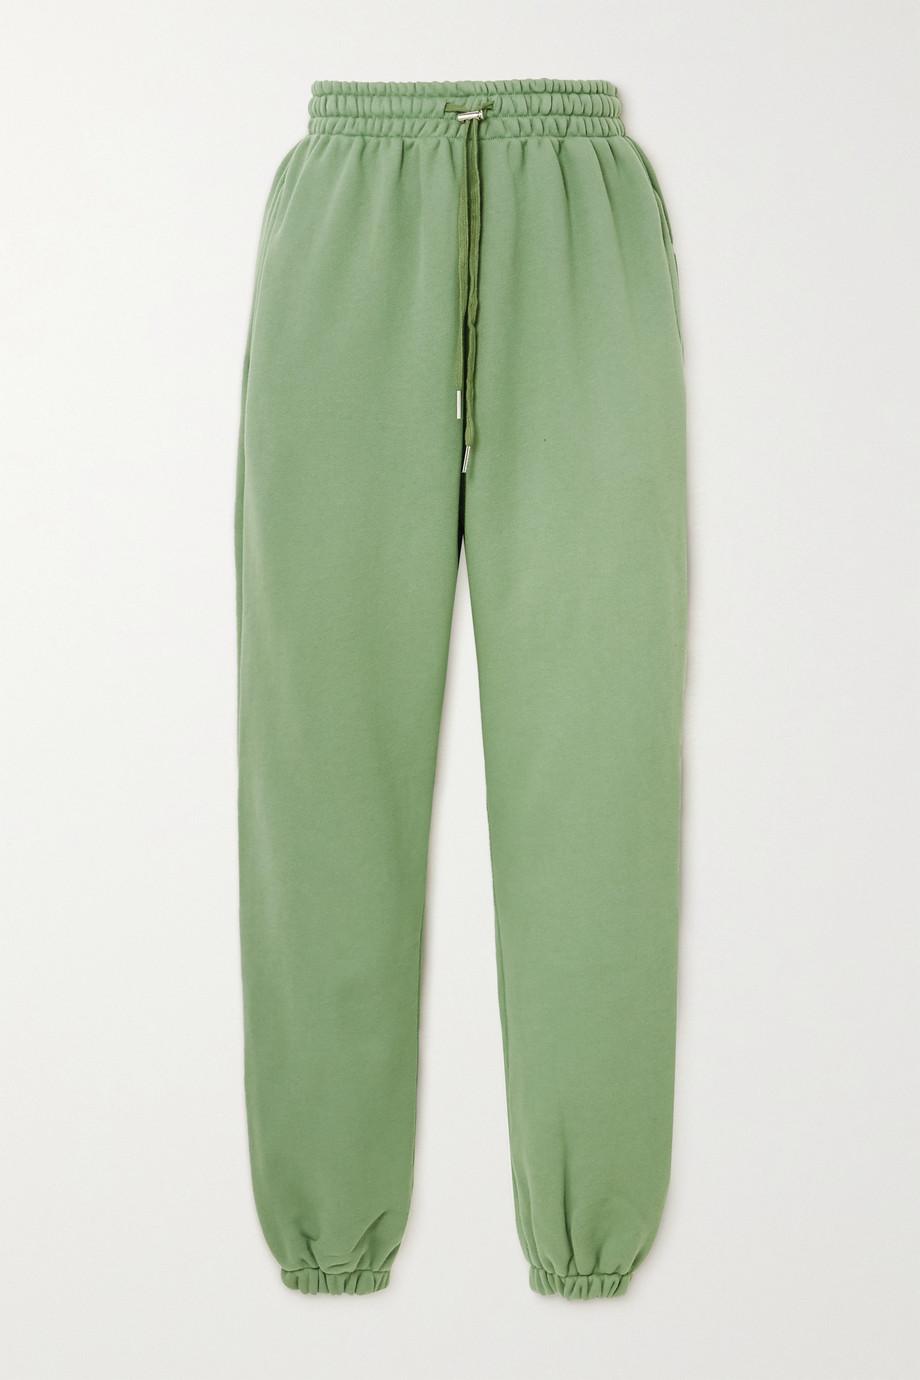 Frankie Shop Pantalon de survêtement en jersey de coton Vanessa